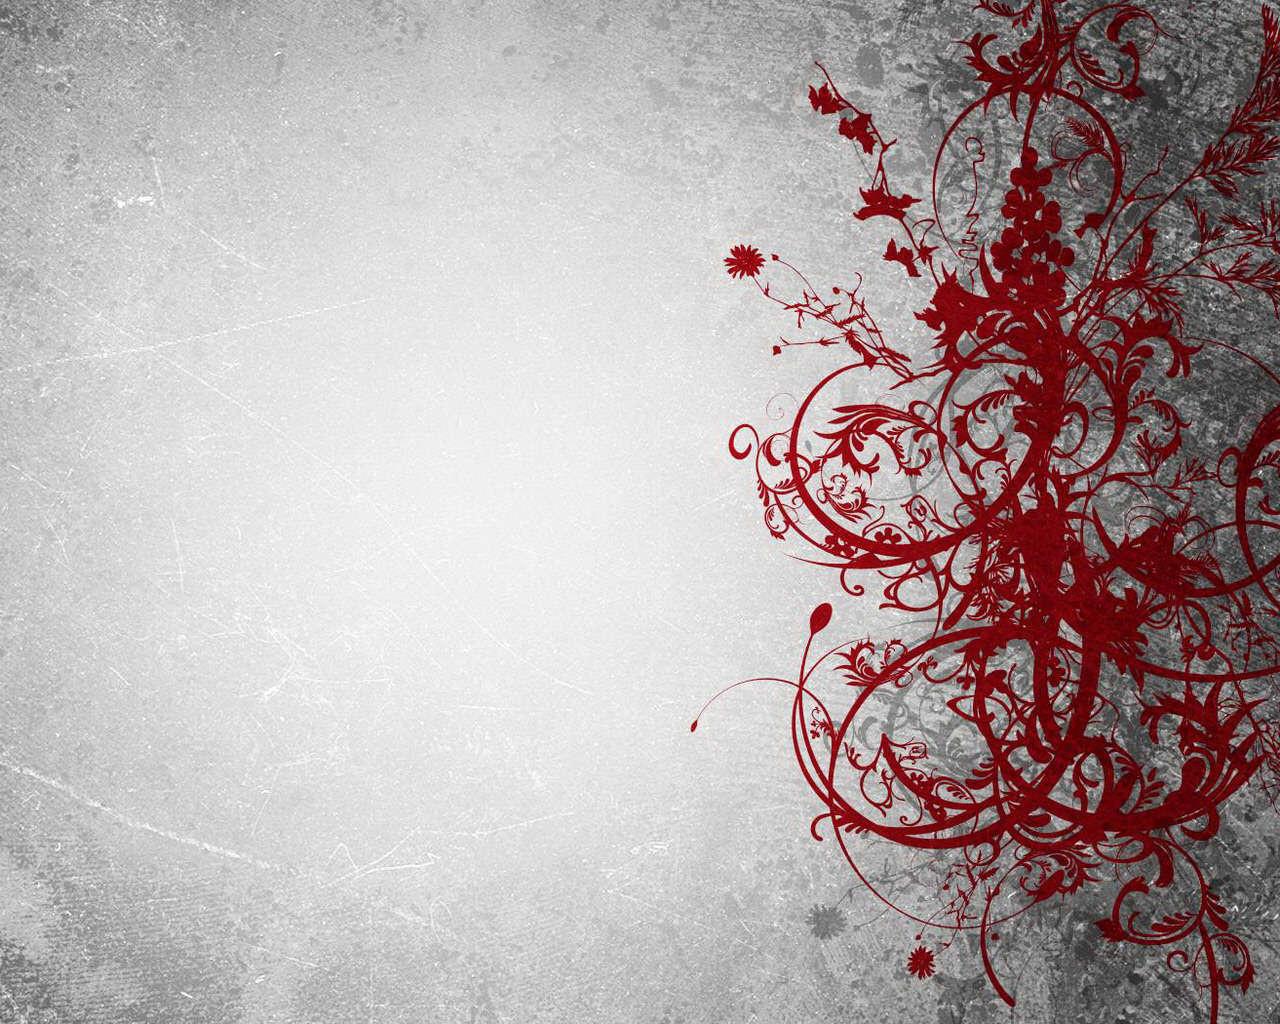 صورة خلفيات تصميم , صور مصممه للفوتوشوب